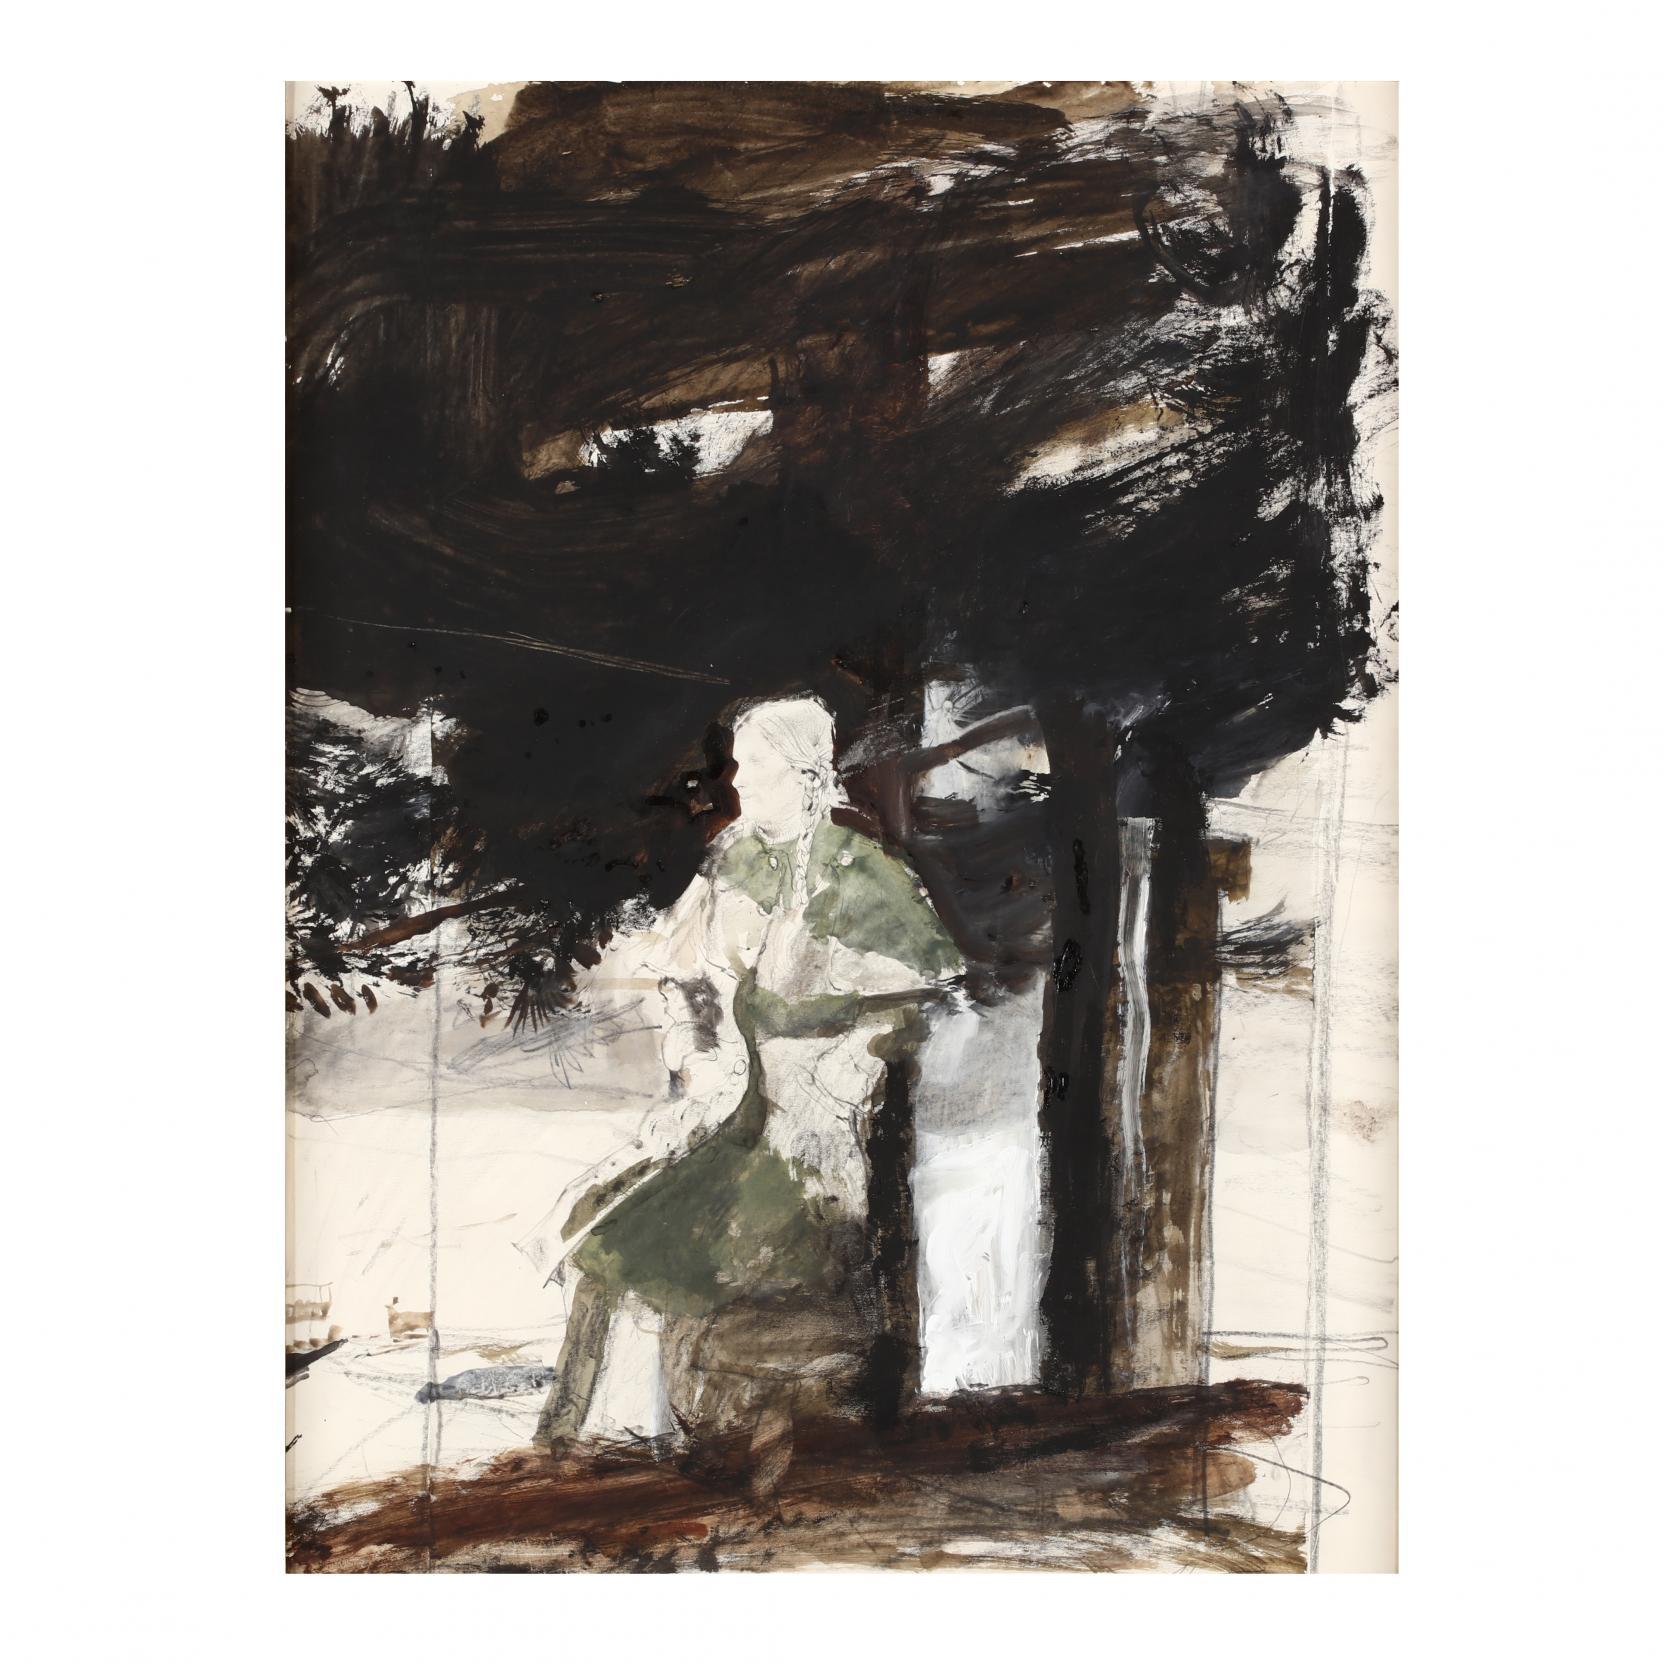 andrew-wyeth-pa-1917-2009-i-cape-coat-helga-i